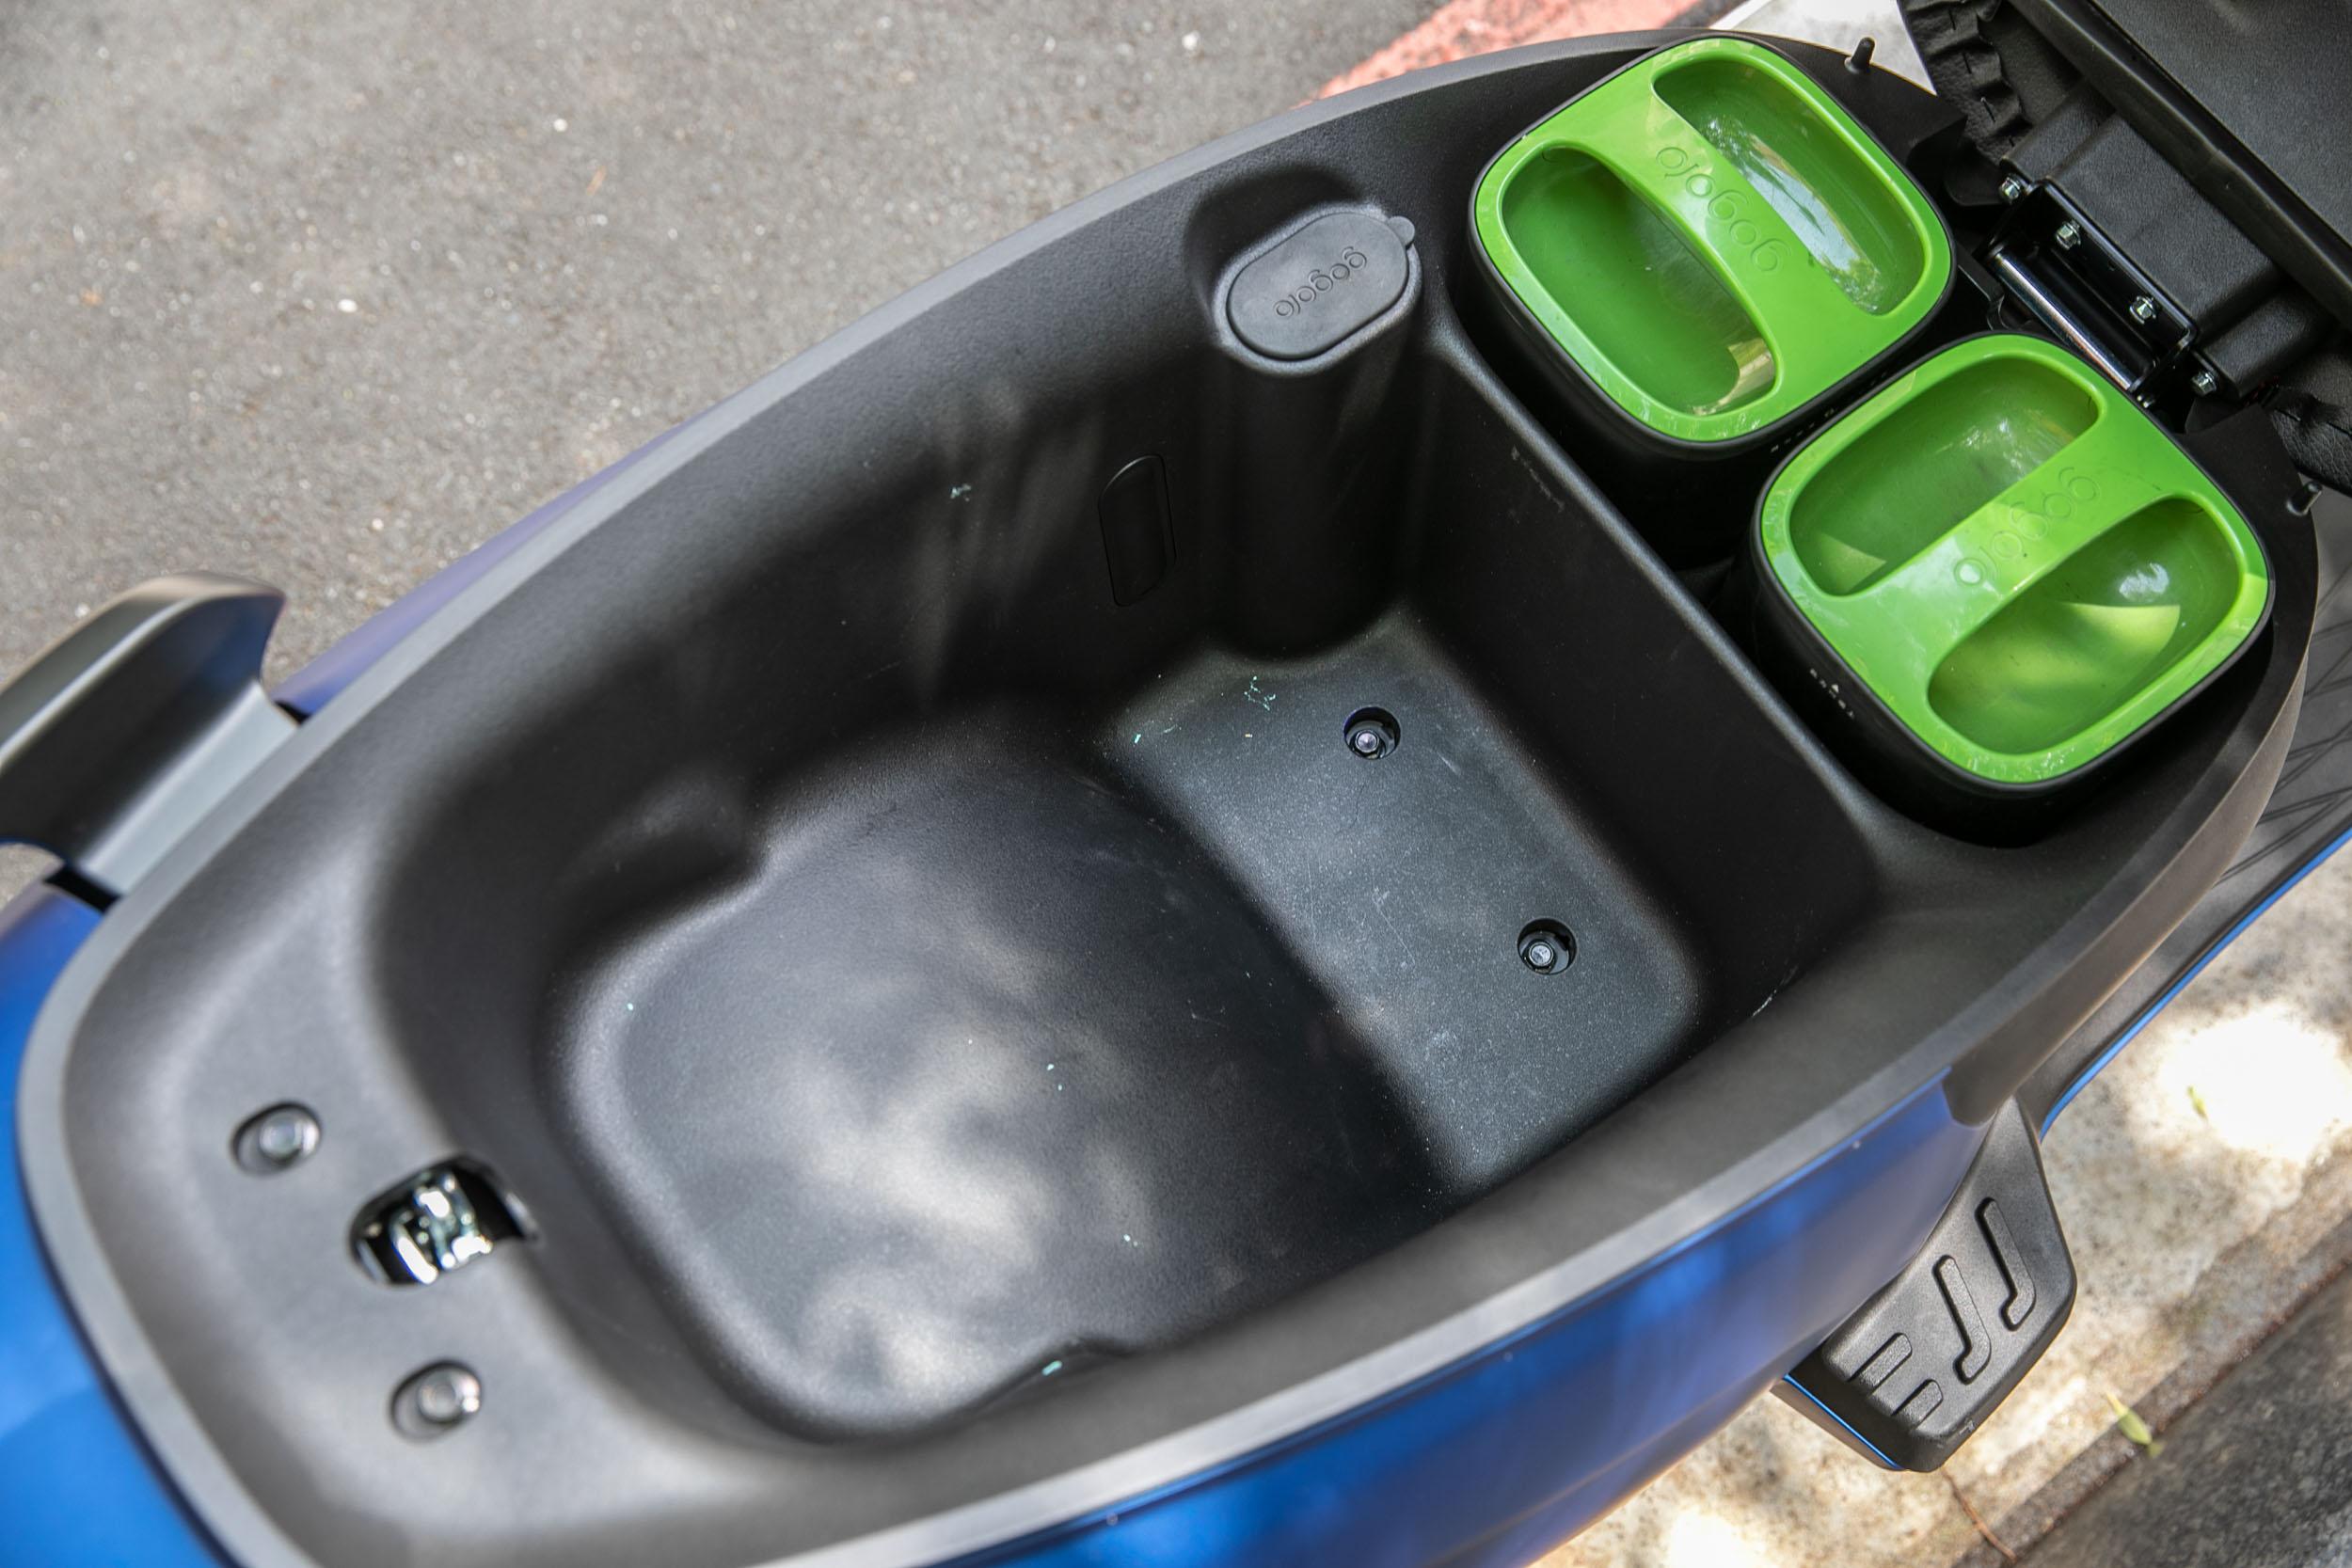 坐墊下具備 26.5 公升置物容積。